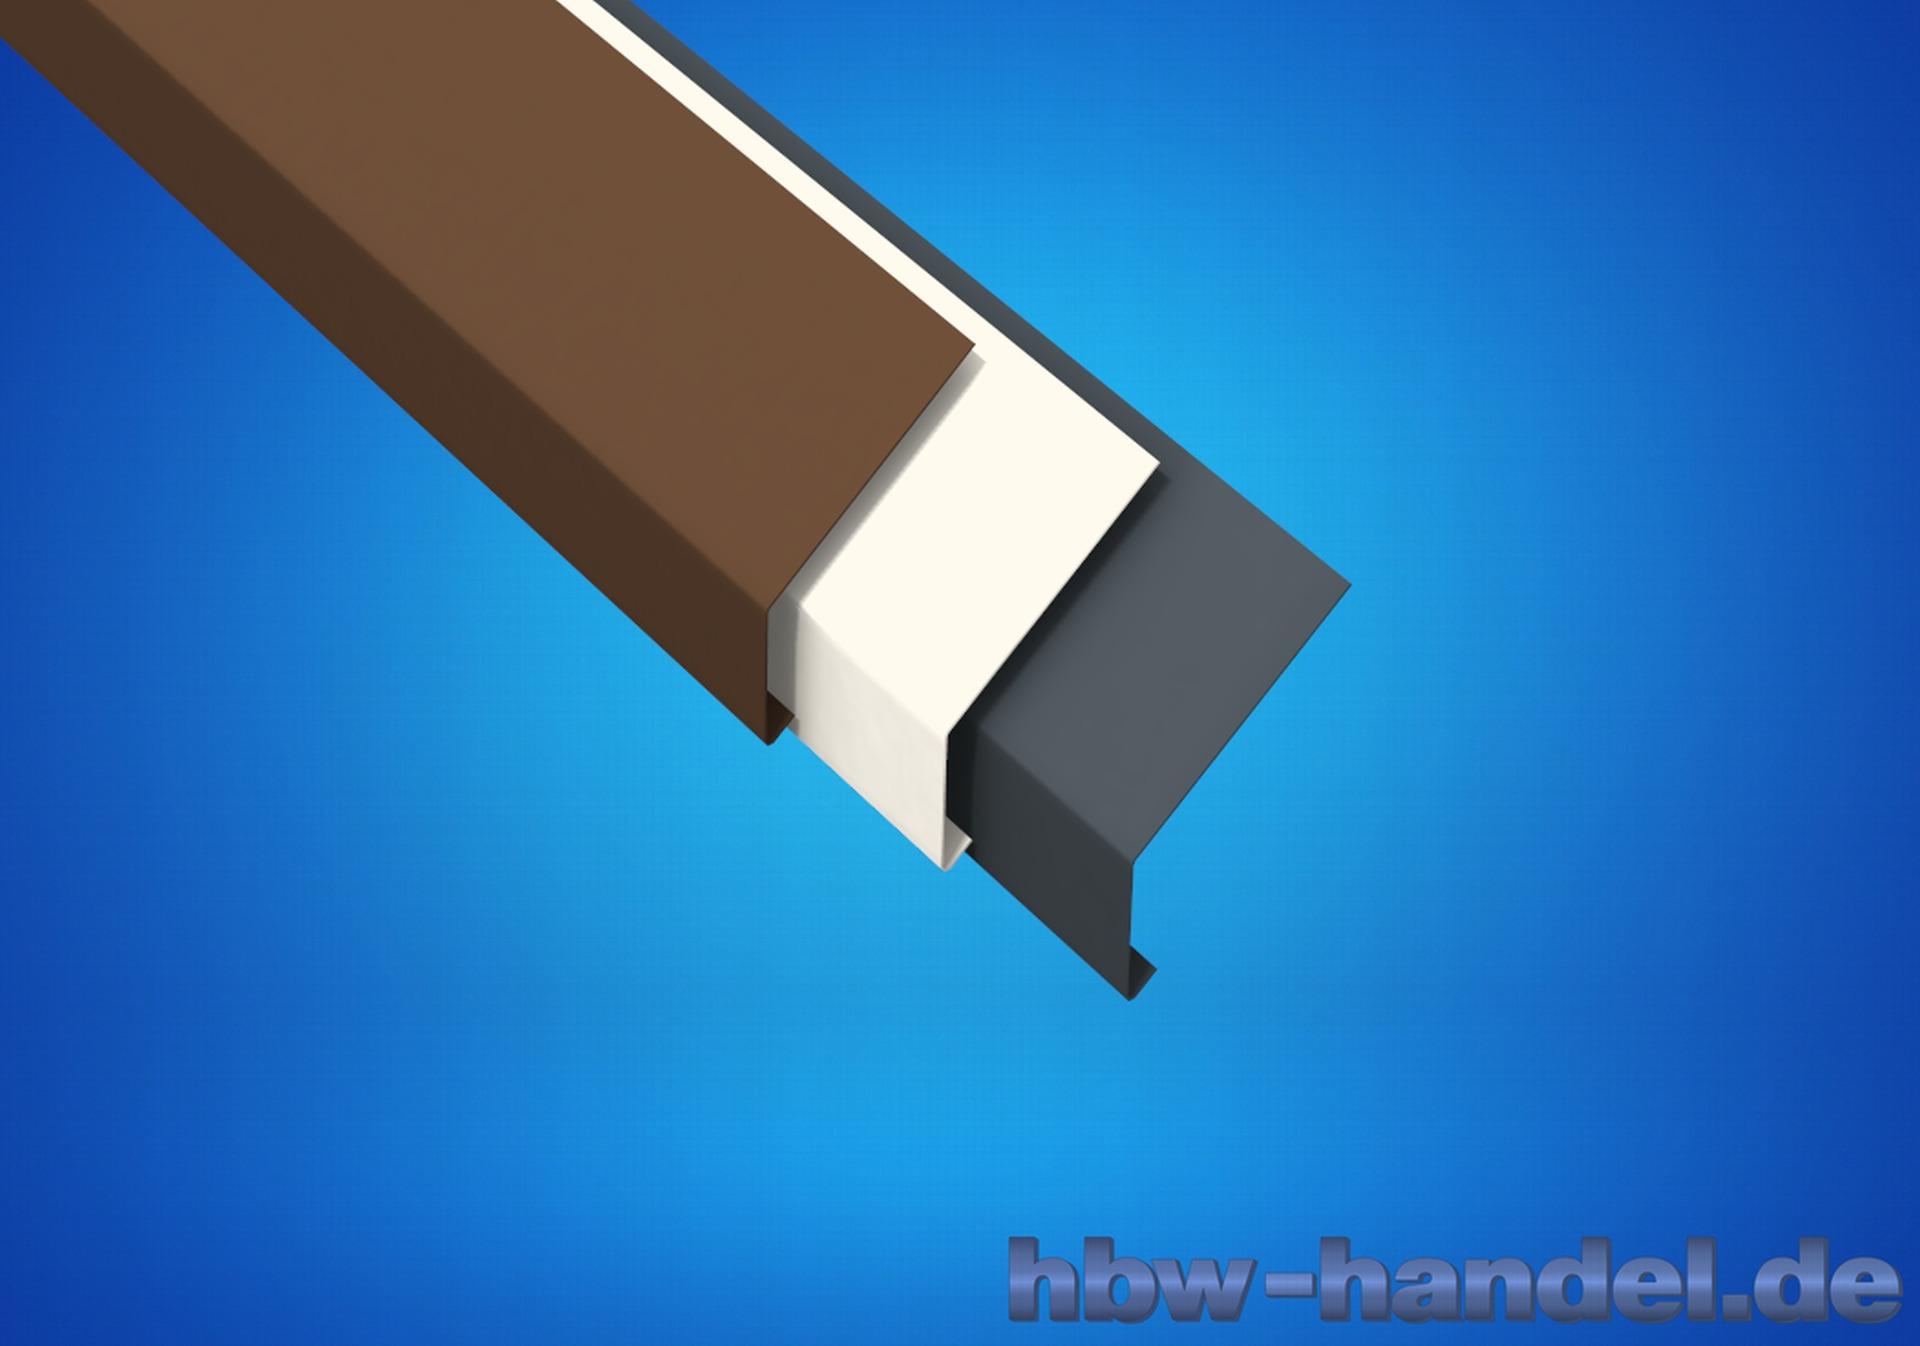 Traufblech, Aluminium farbbeschichtet